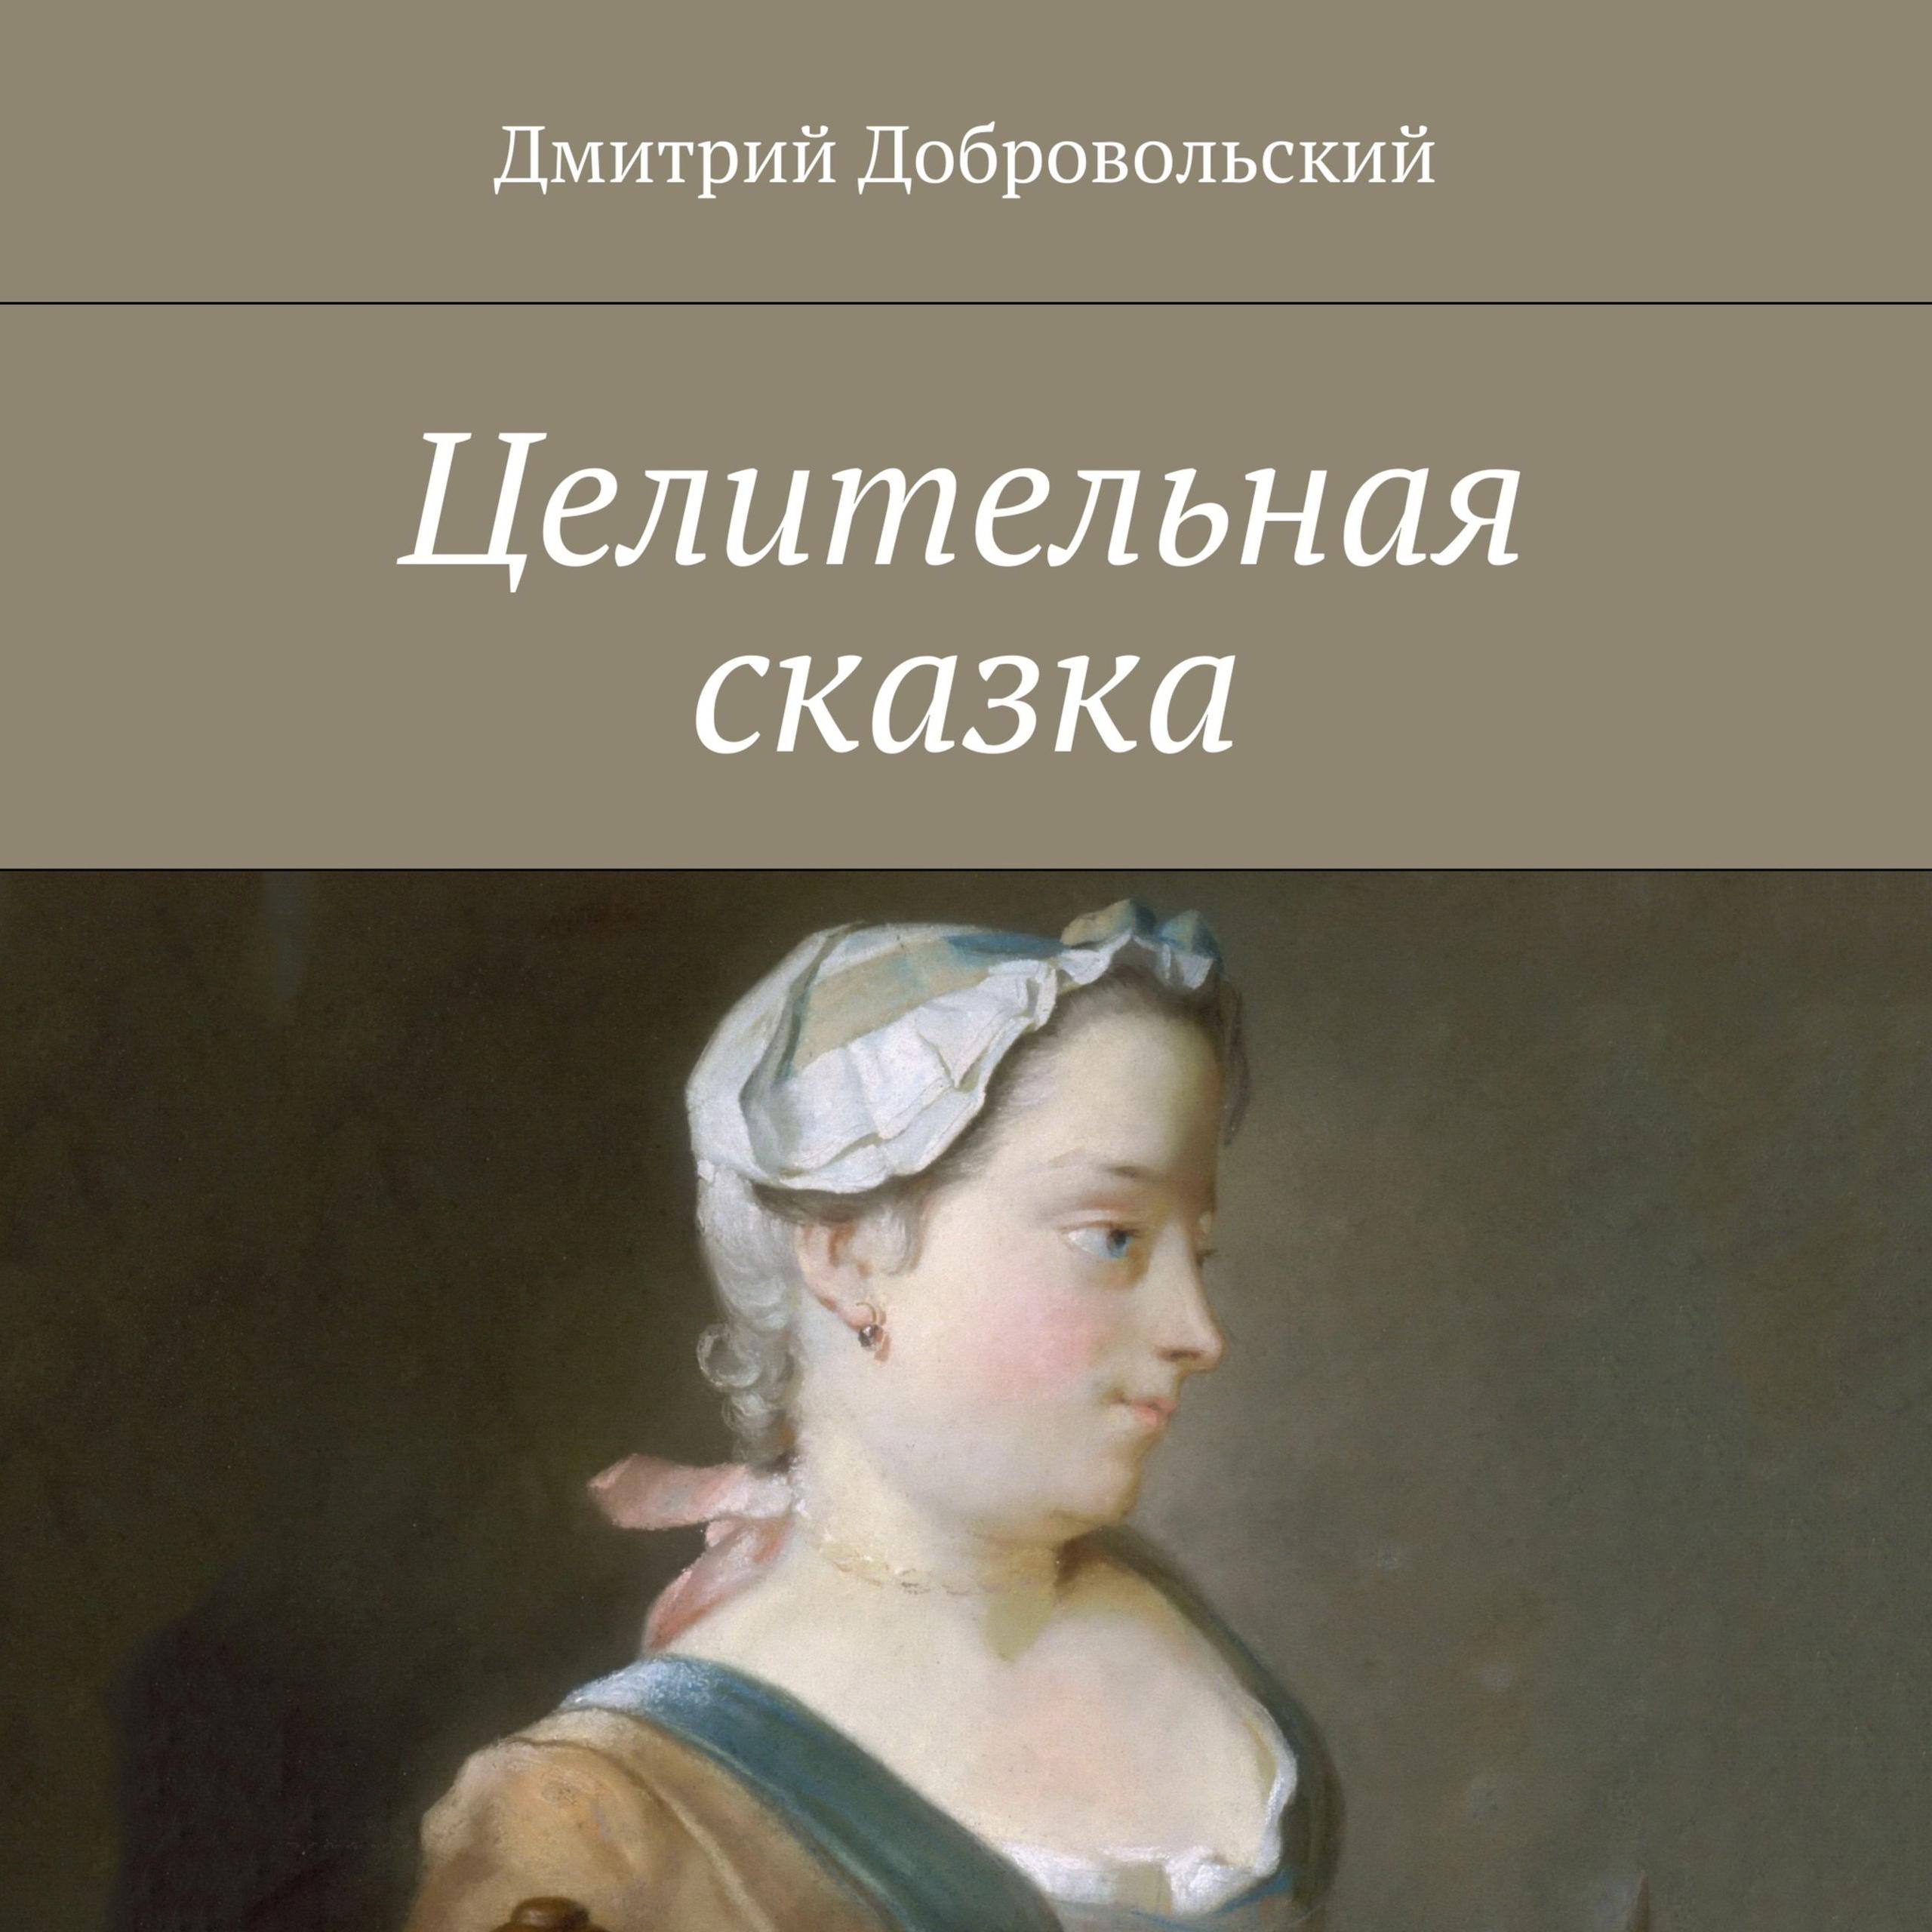 Дмитрий Добровольский Целительная сказка е добровольский 20 заполярные ангелы